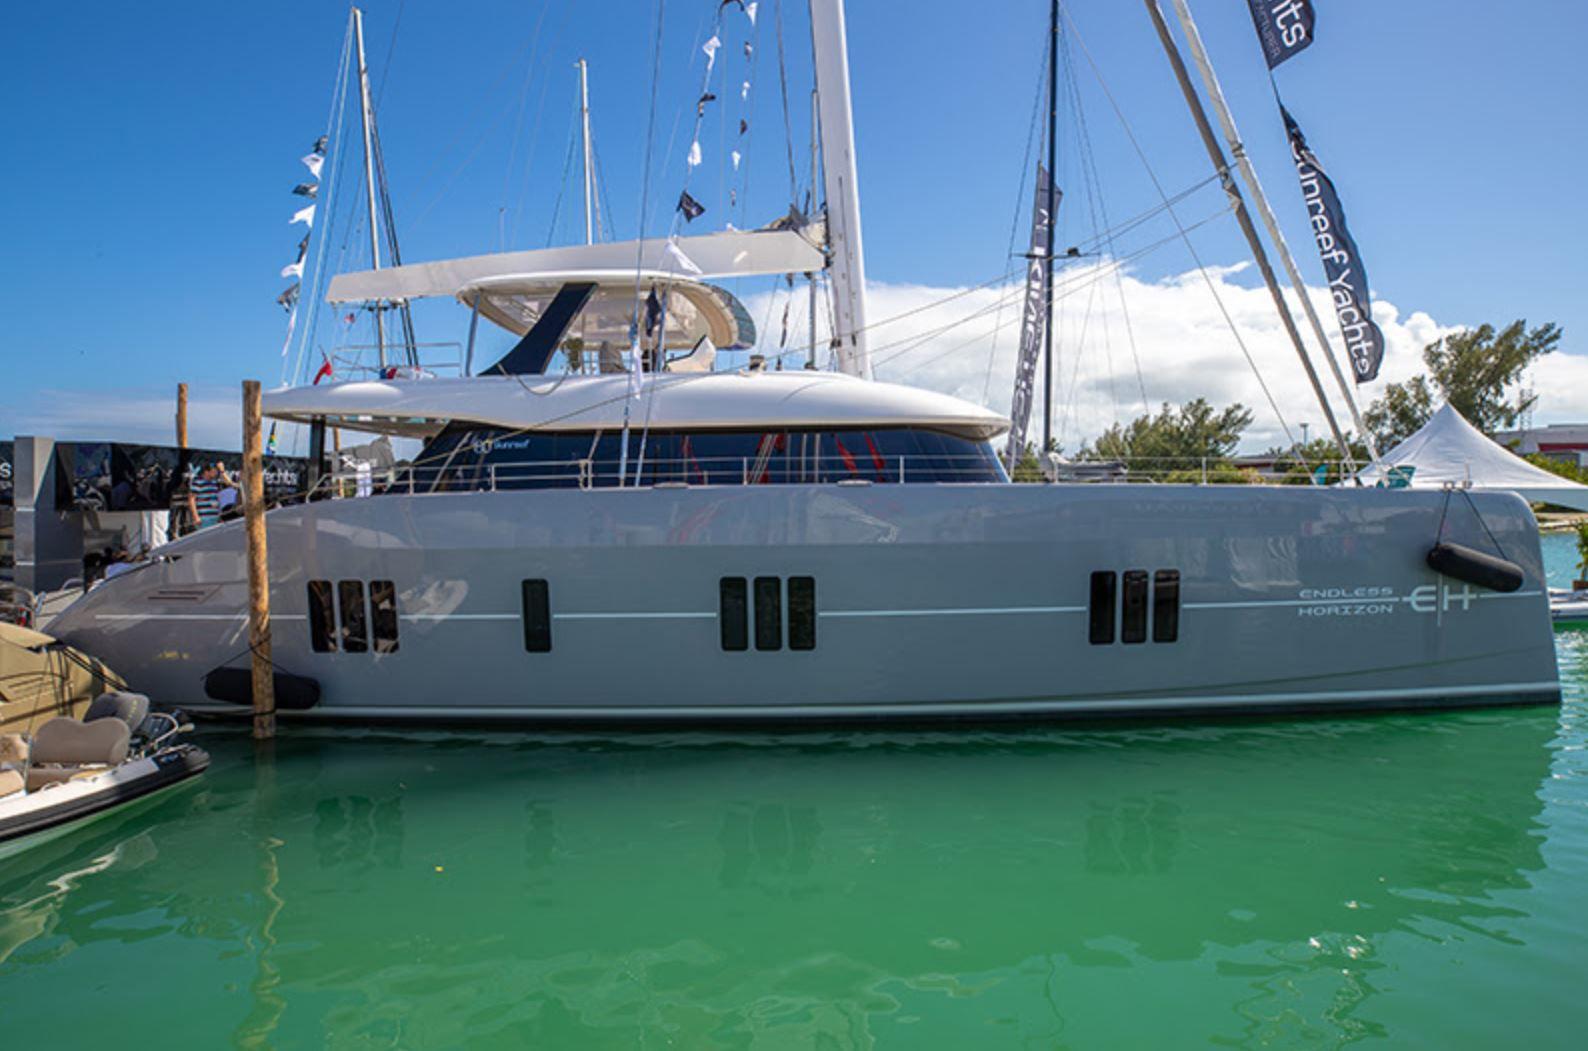 Исключительный результат для Sunreef Yachts на выставке яхтенного бизнеса в Майами в 2020 году